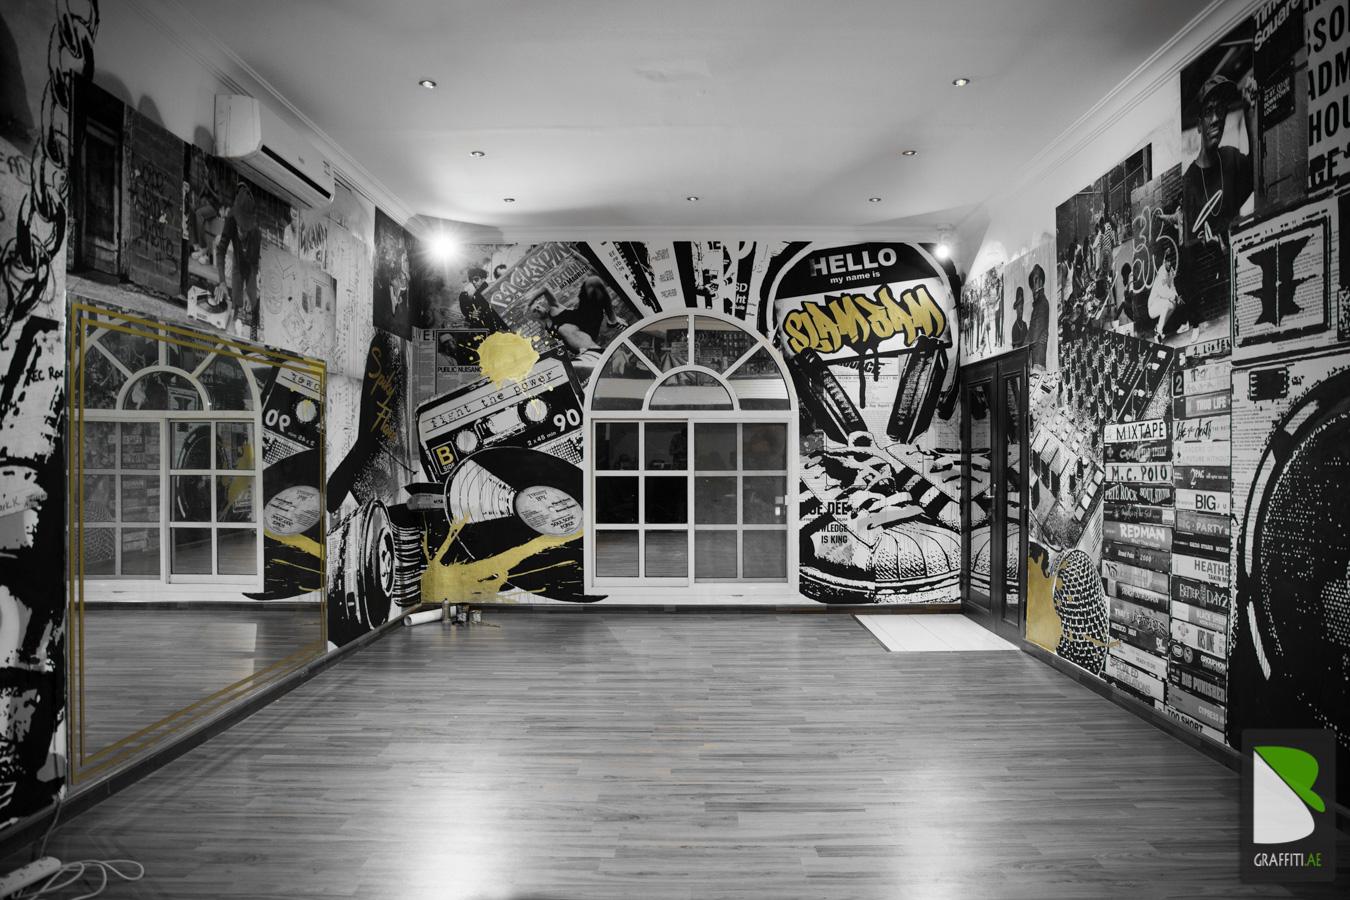 Graffiti wall uae - March 5 2017 Dubai Indoor Private Uaebaro